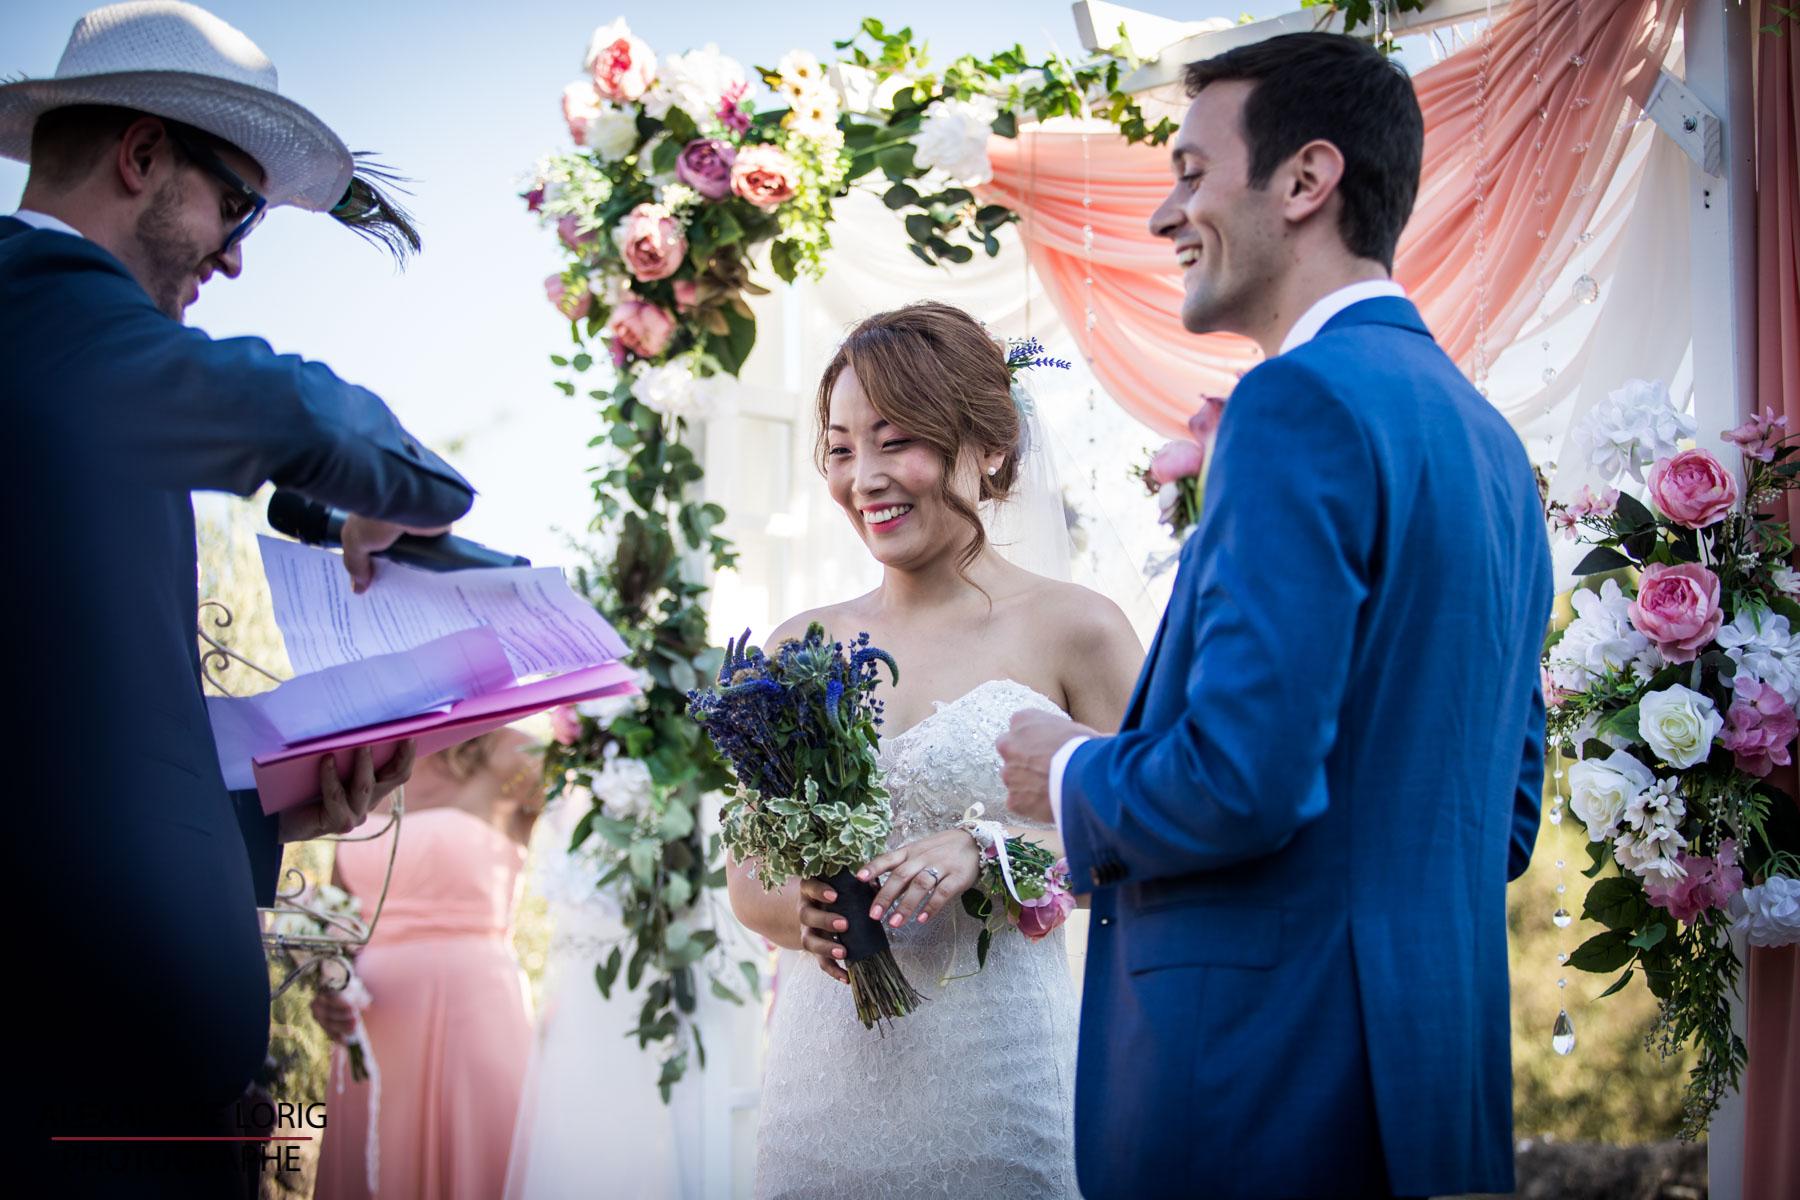 le coeur dans les etoiles - wedding planner provence - luberon - mariage provence - Alexandre Lorig - ceremonie laique